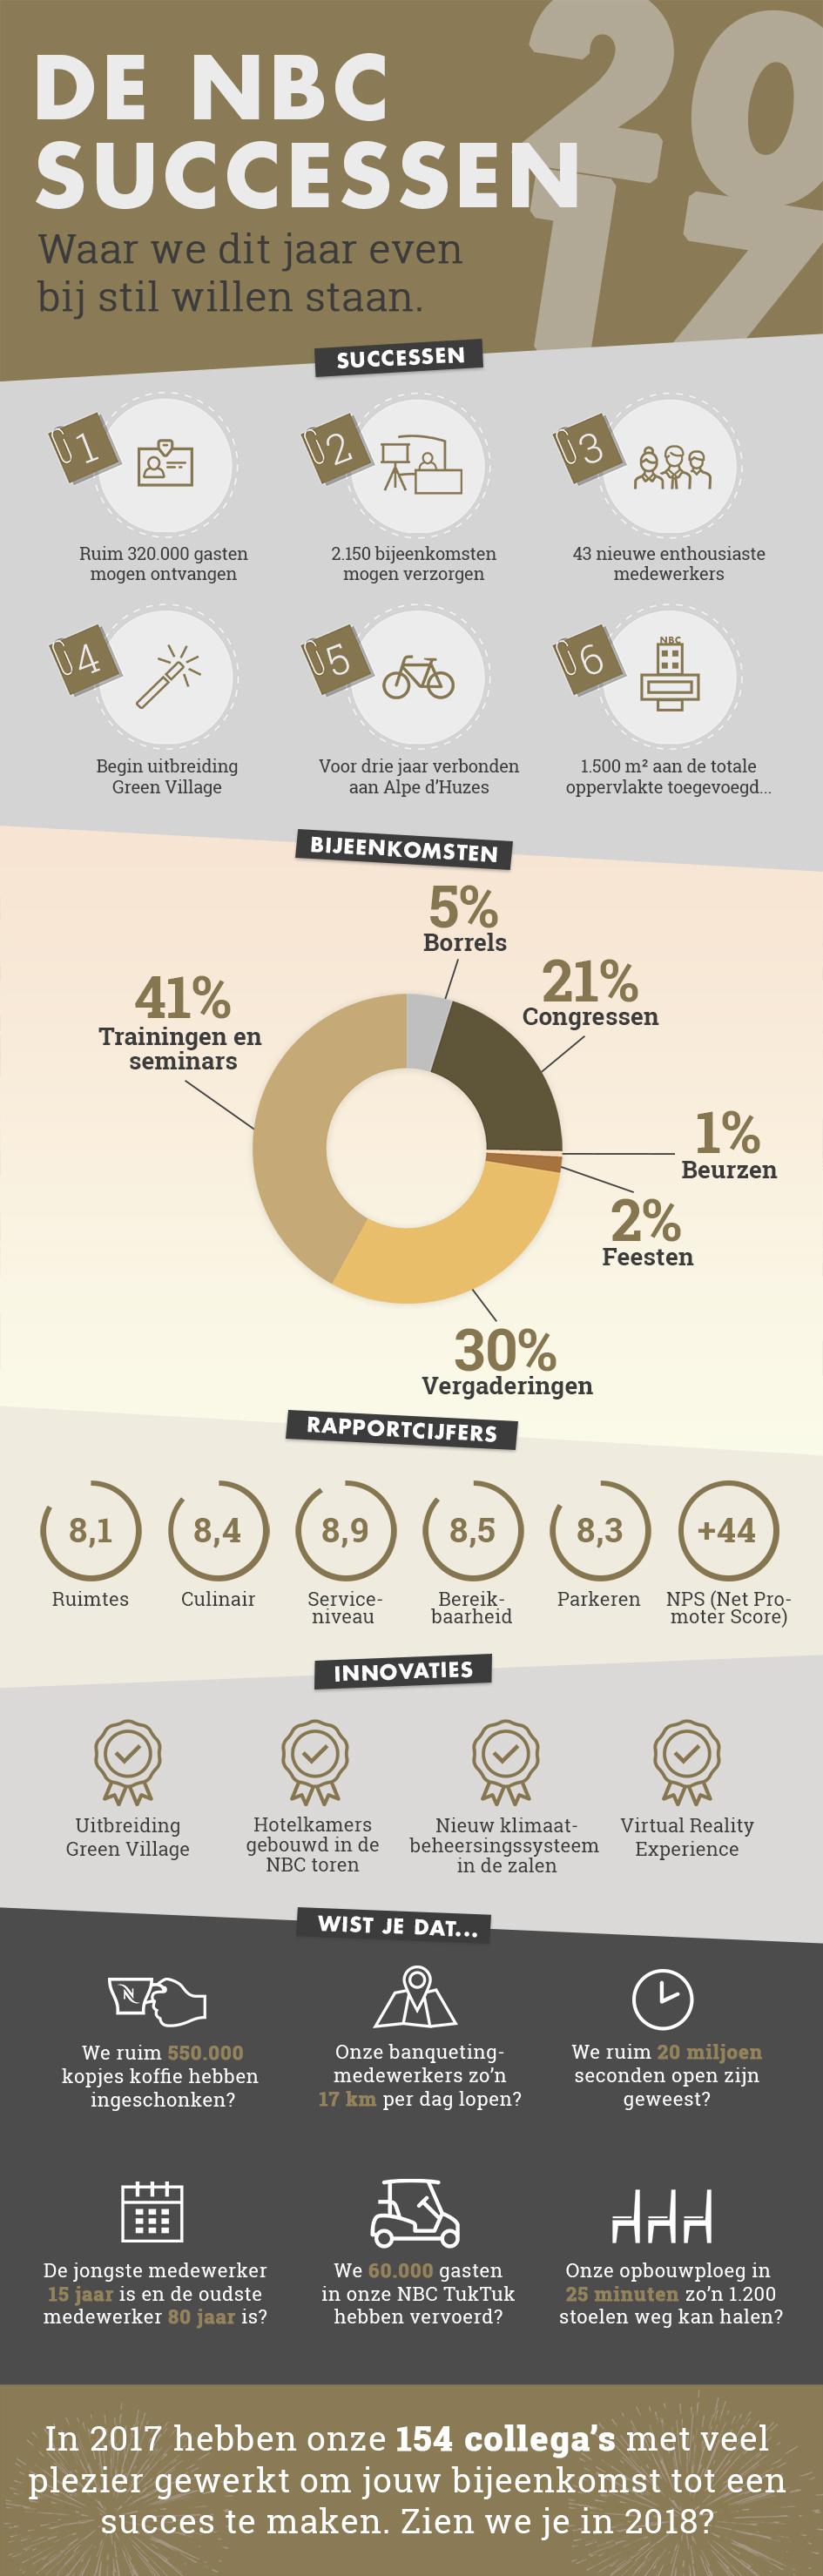 Infographic - De NBC Congrescentrum successen 2017